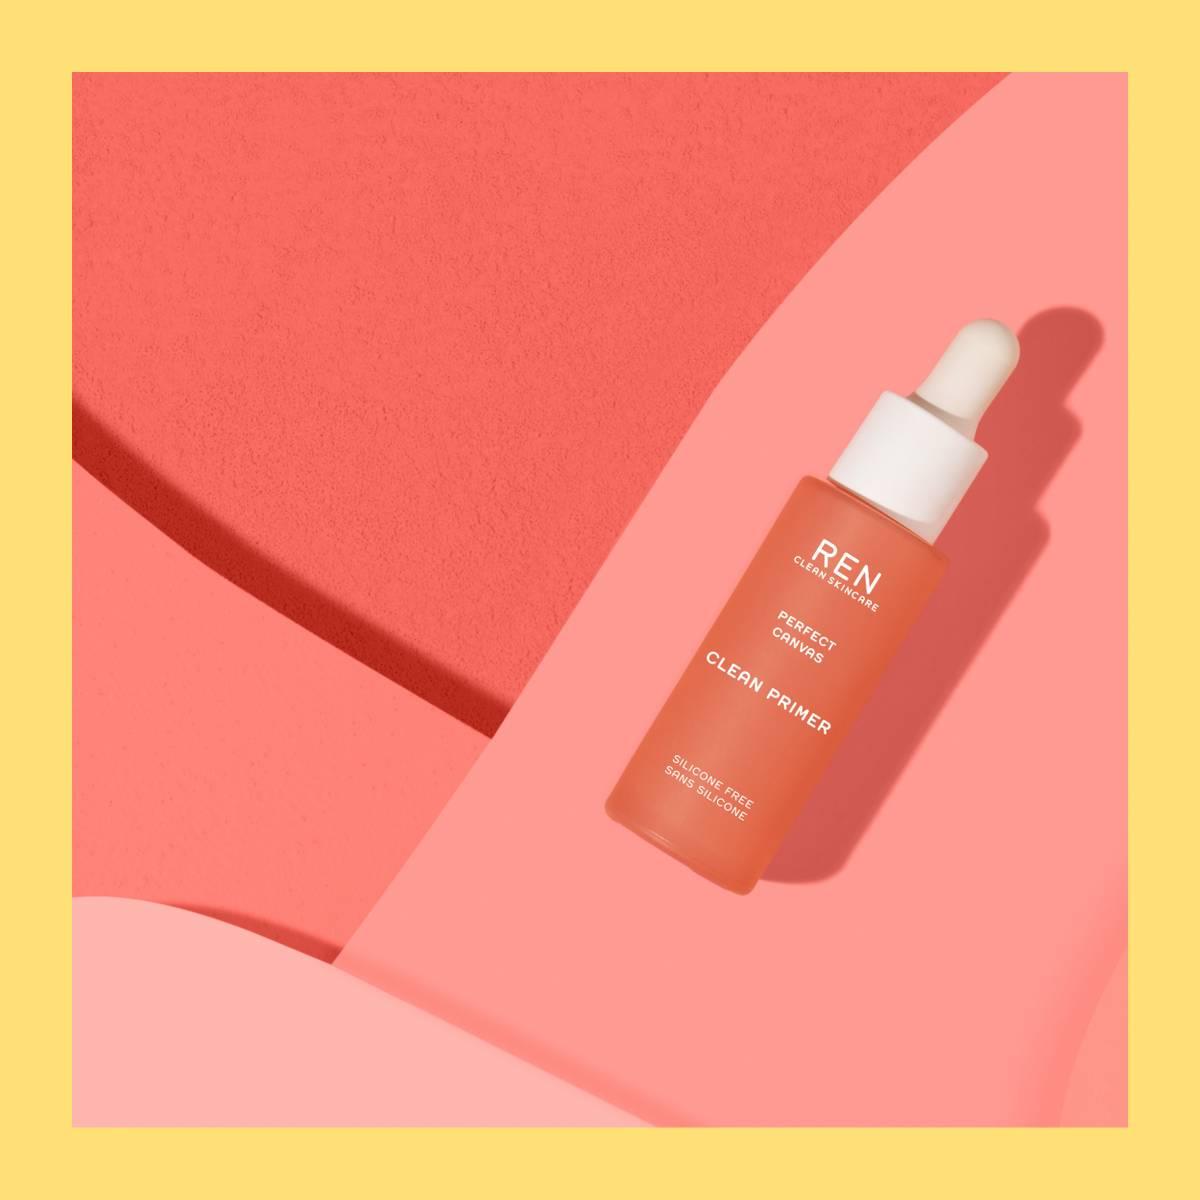 Spotlight on: REN Skincare